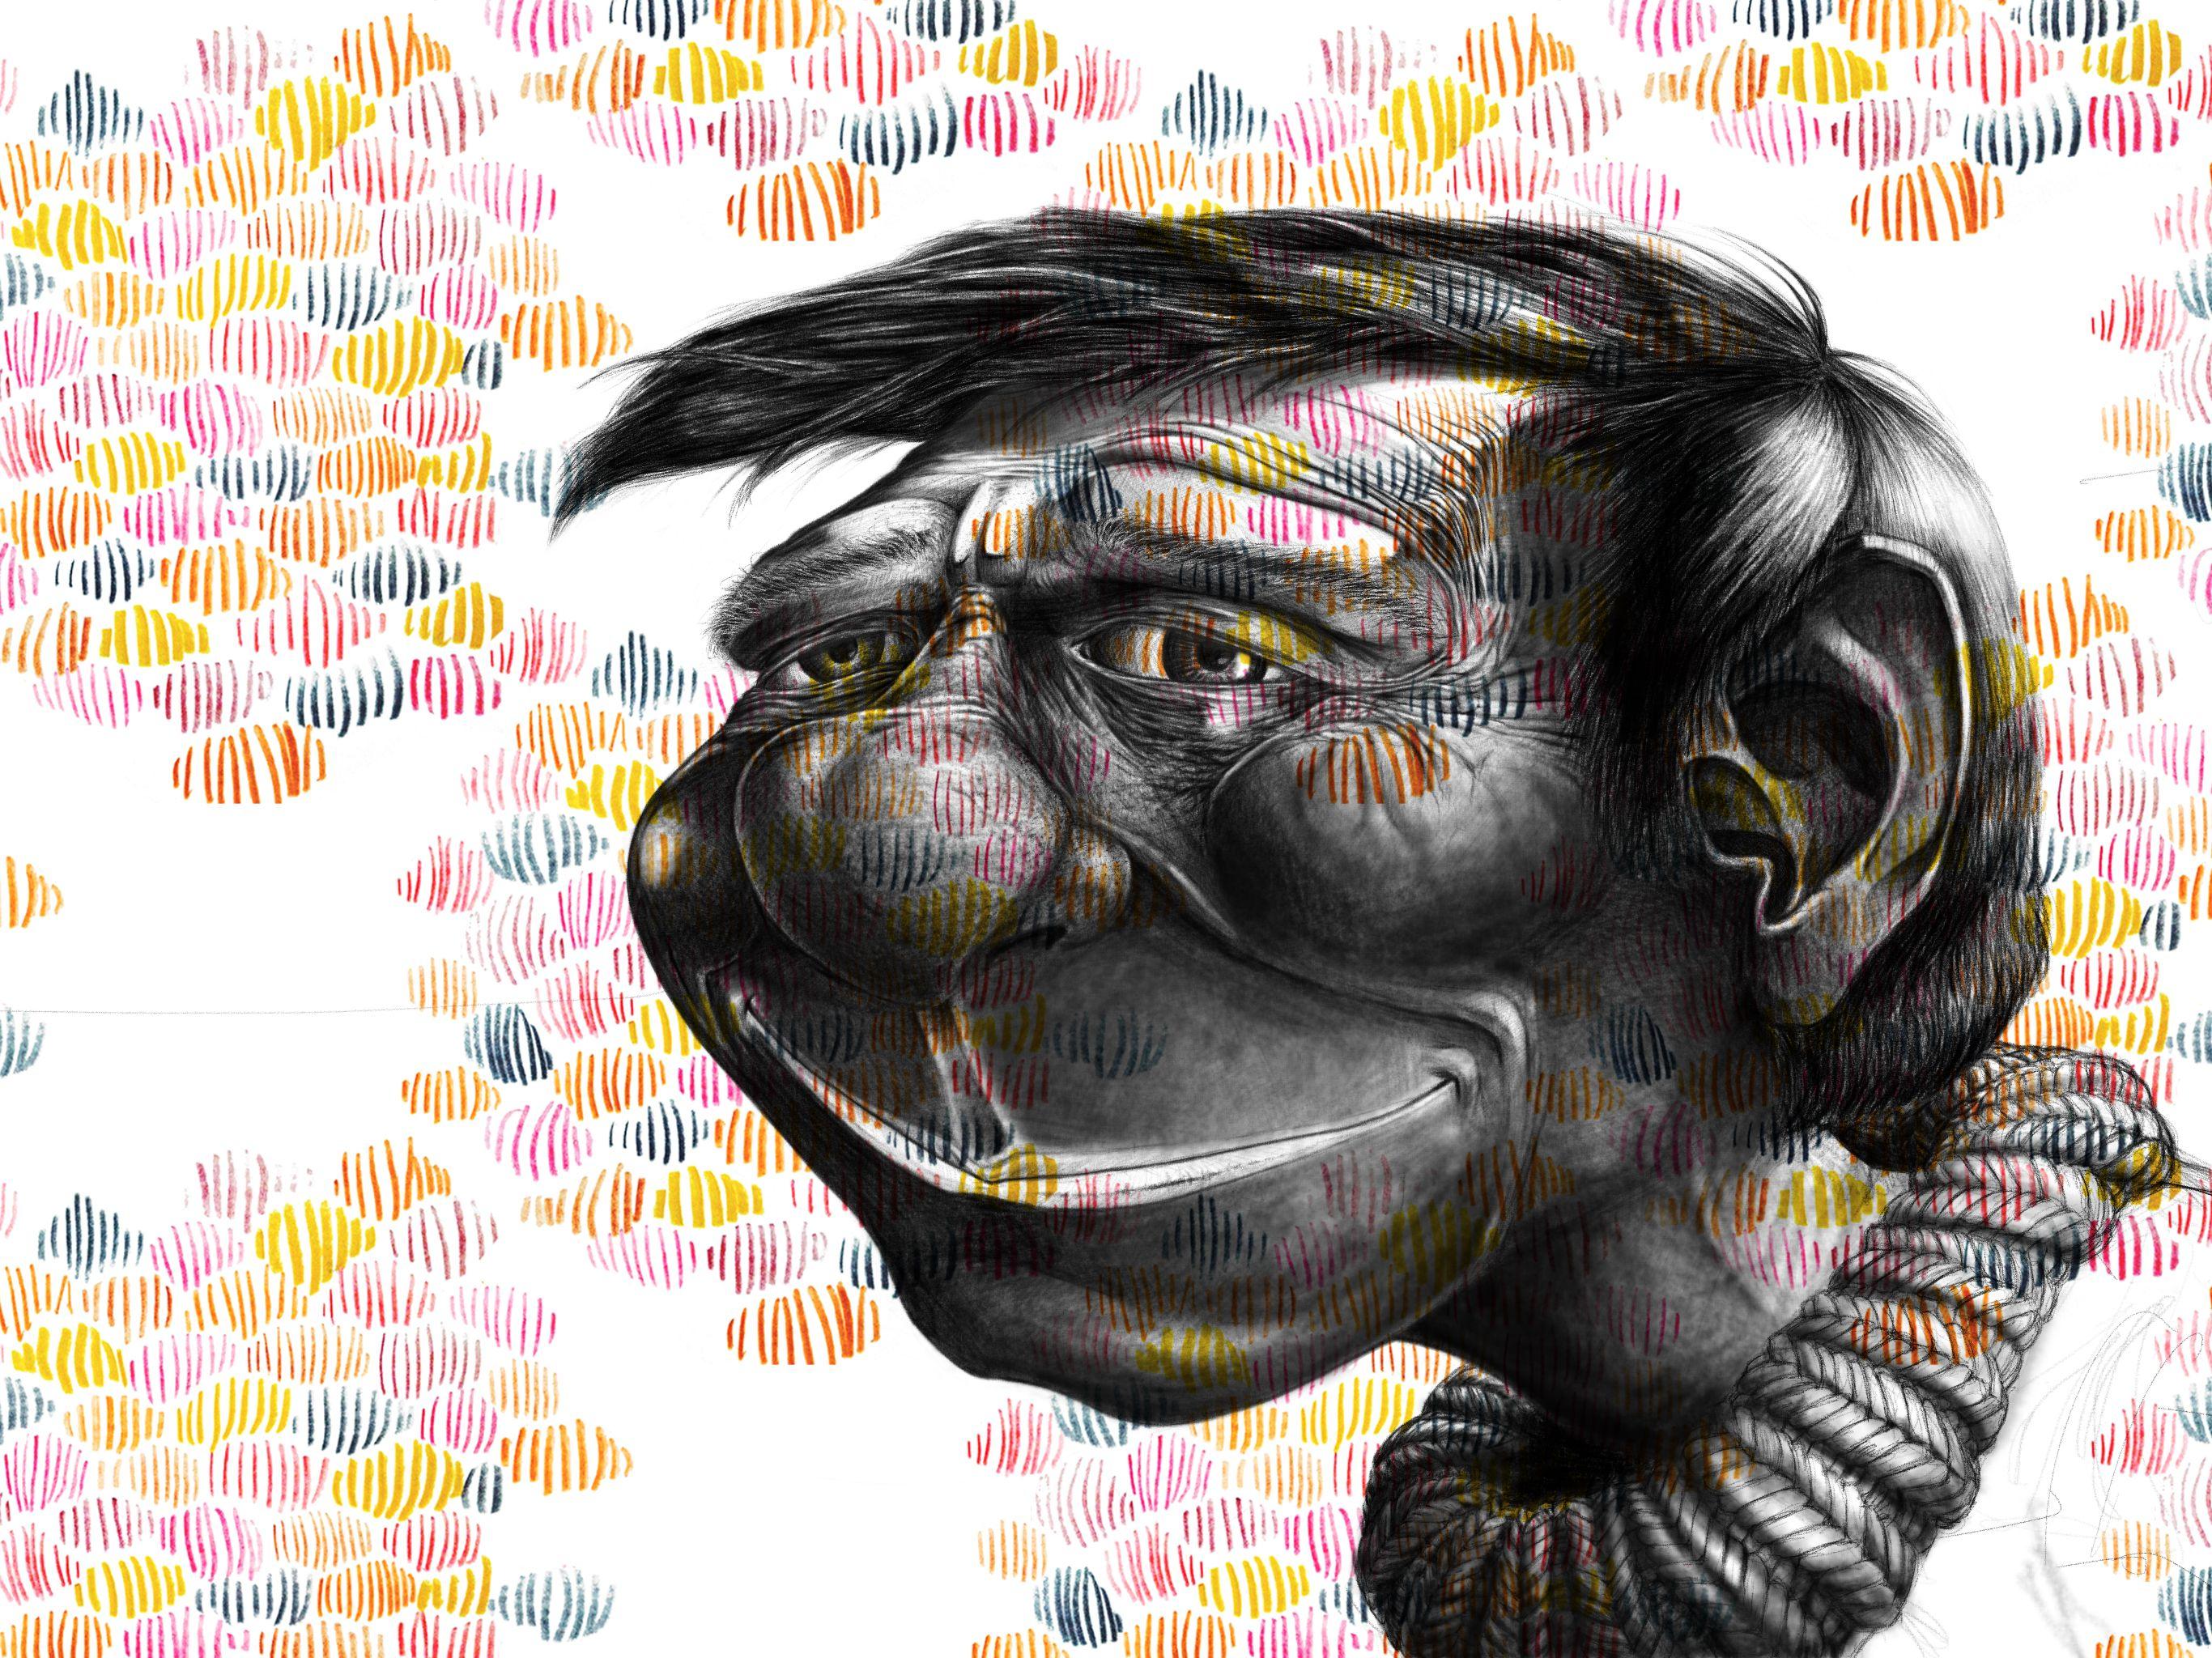 Réalisé dans Adobe Photoshop Sketch Pour l'obtenir, rendez-vous sur: http://apple.co/1H4Jxx1